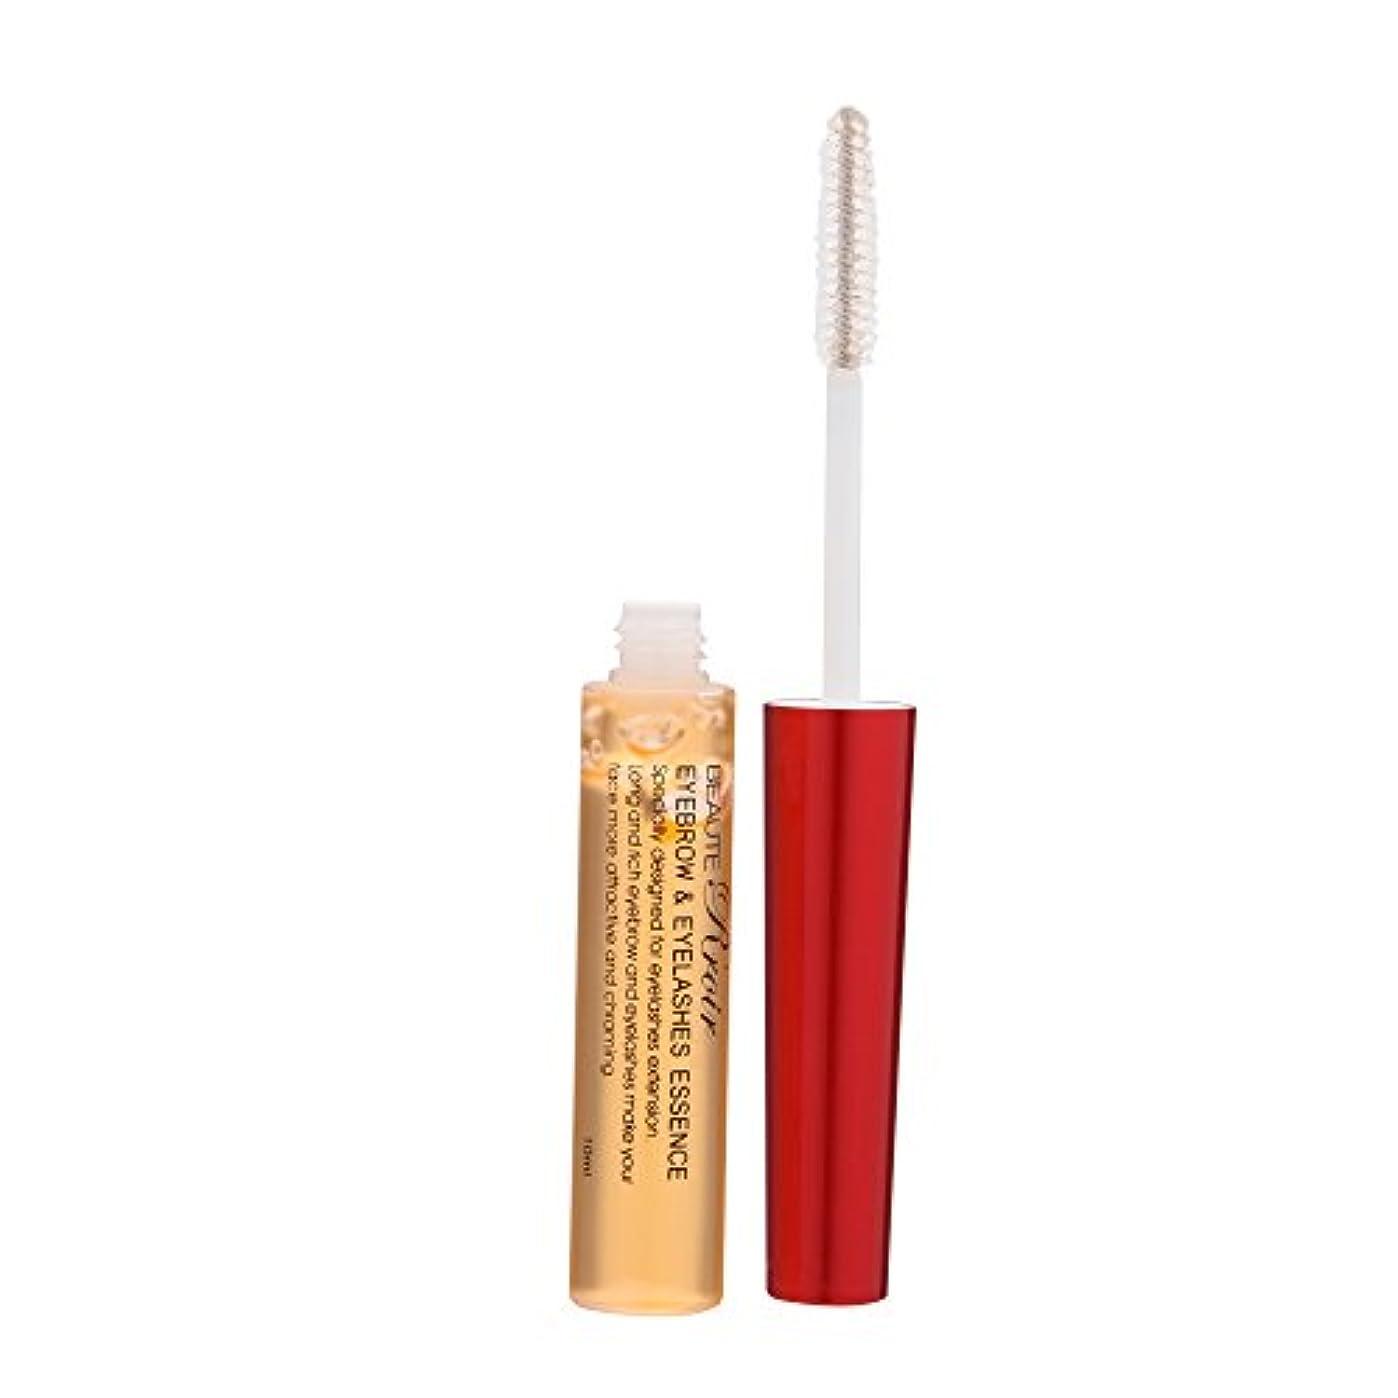 削減トンミネラル美容成分配合 クリアマスカラ Beauty Rroir 10ml 美容液 エッセンス